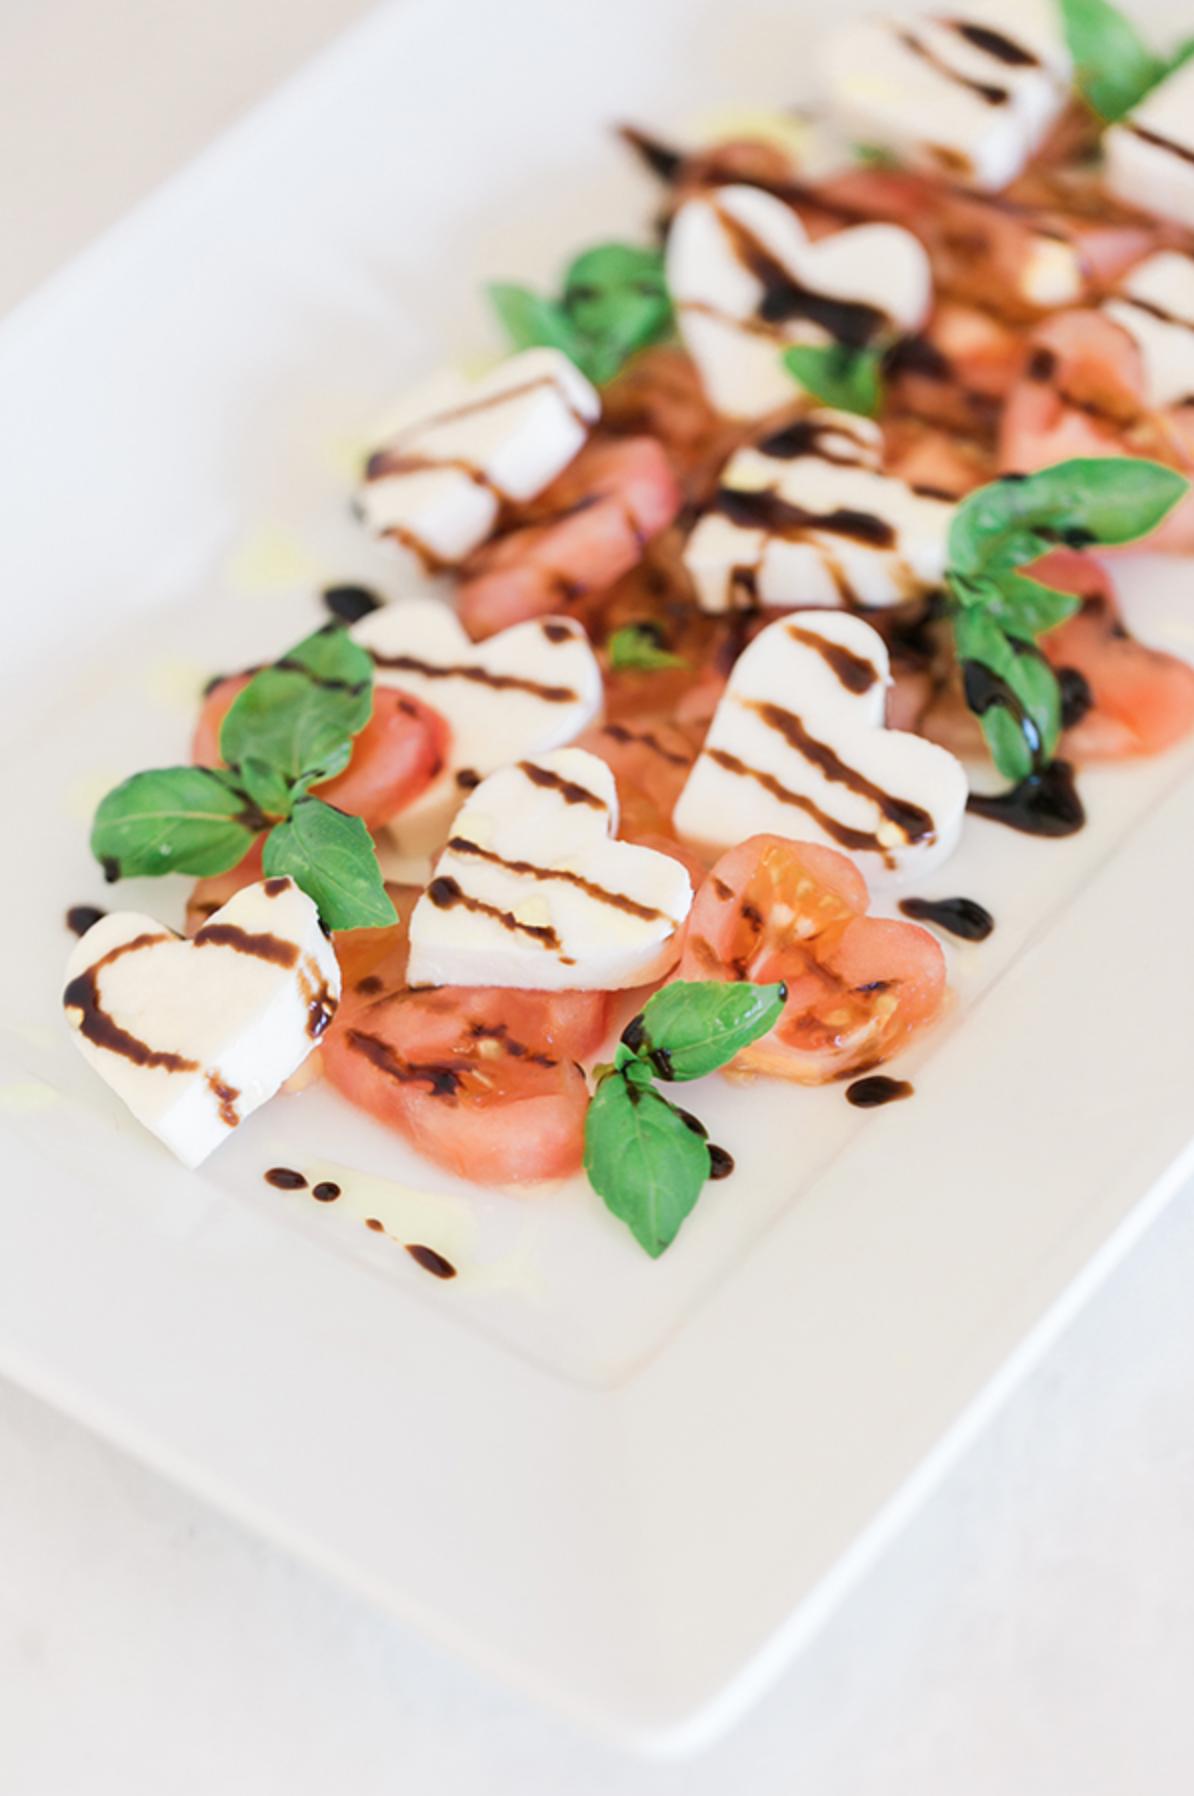 ensaladas originales y saludables para sorprender tu pareja este 14 de febrero, ensalada caprese con corazones de mozzarella y tomates